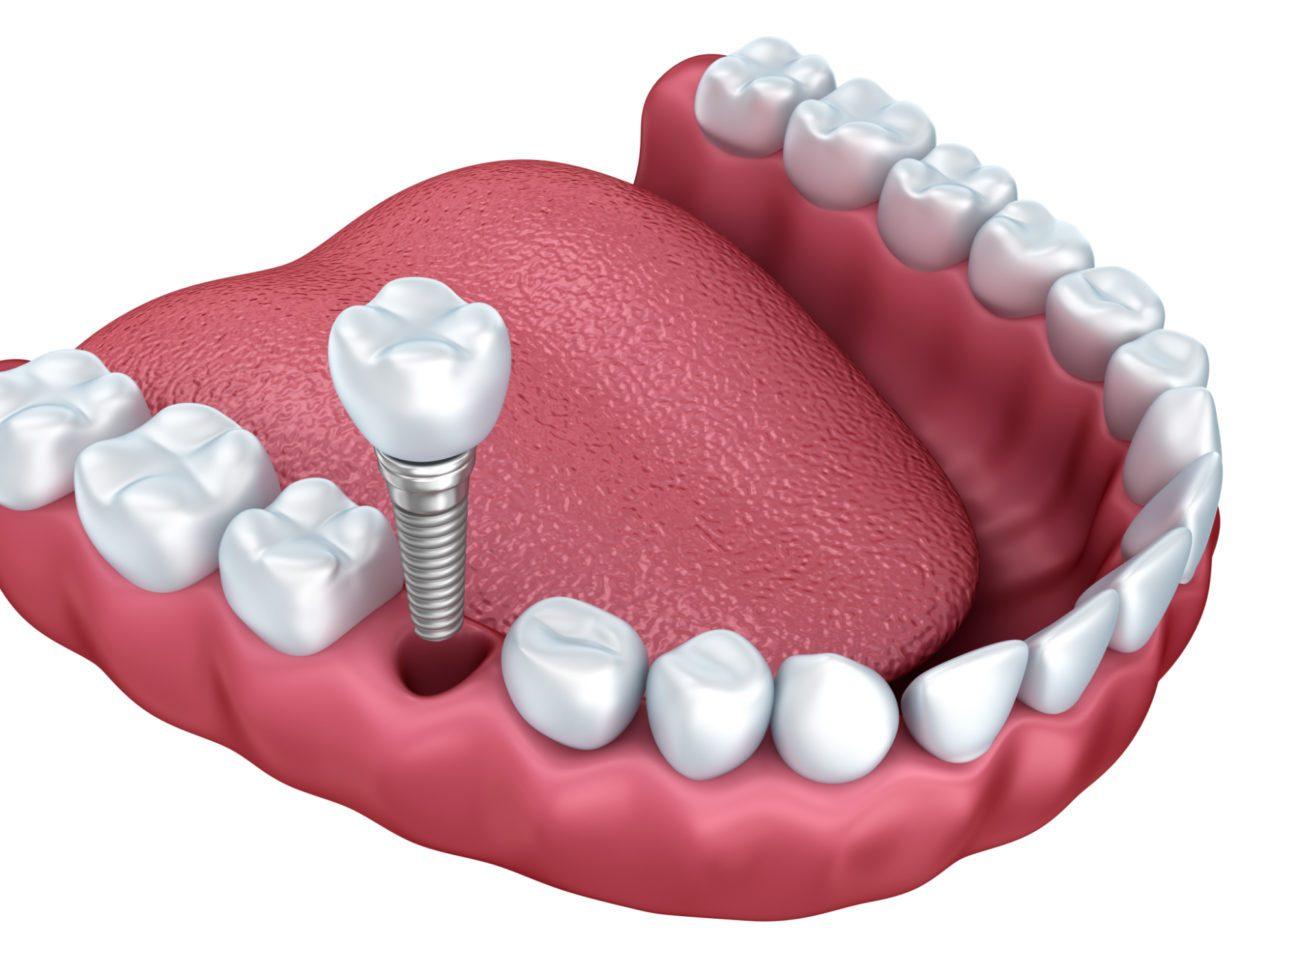 Cấy ghép implant mất bao lâu? Trung tâm implant công nghệ cao